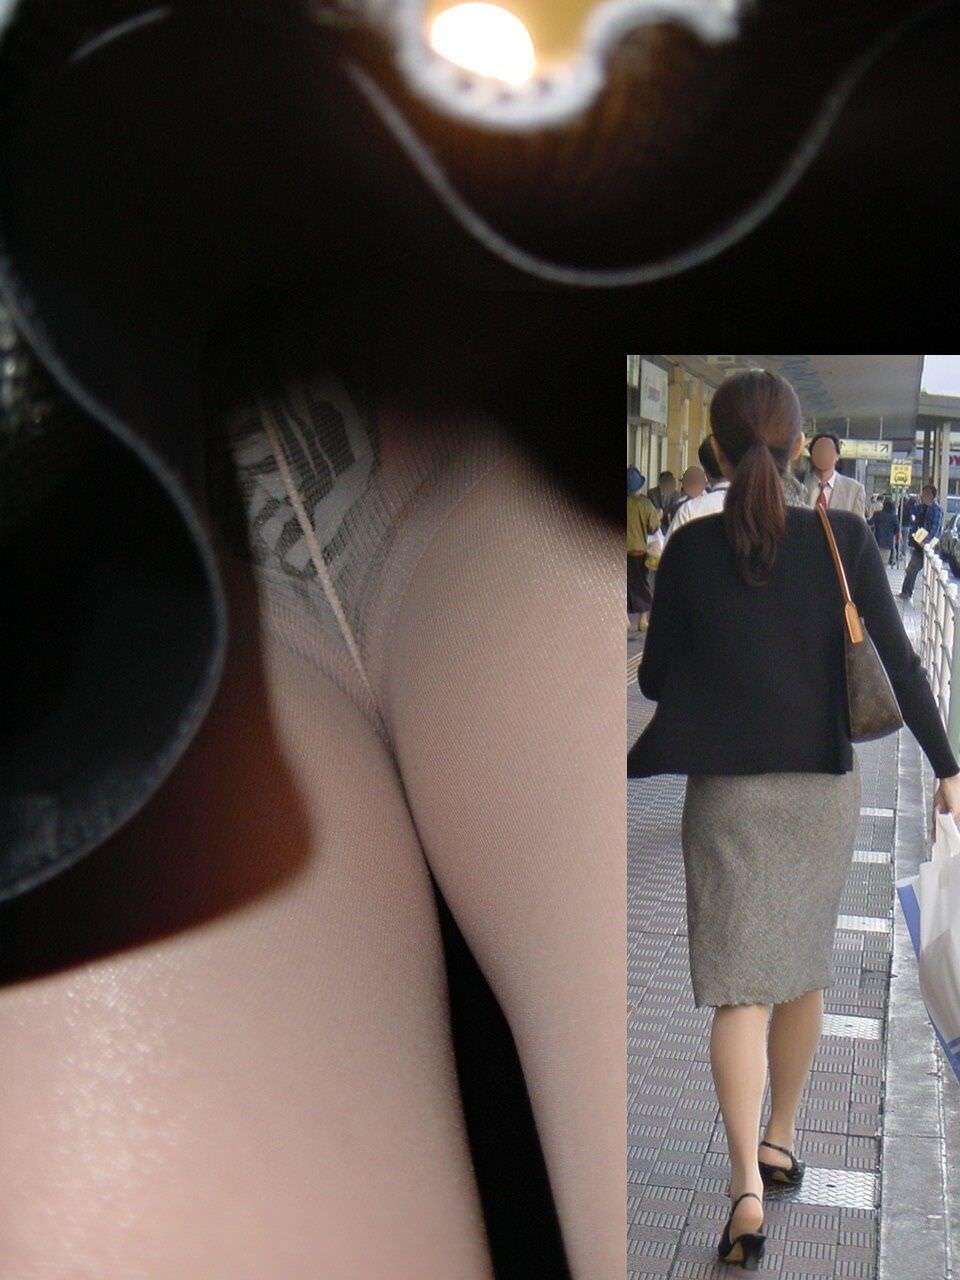 ミニタイトOL逆さパンモロ盗撮エロ写メ画像10枚目